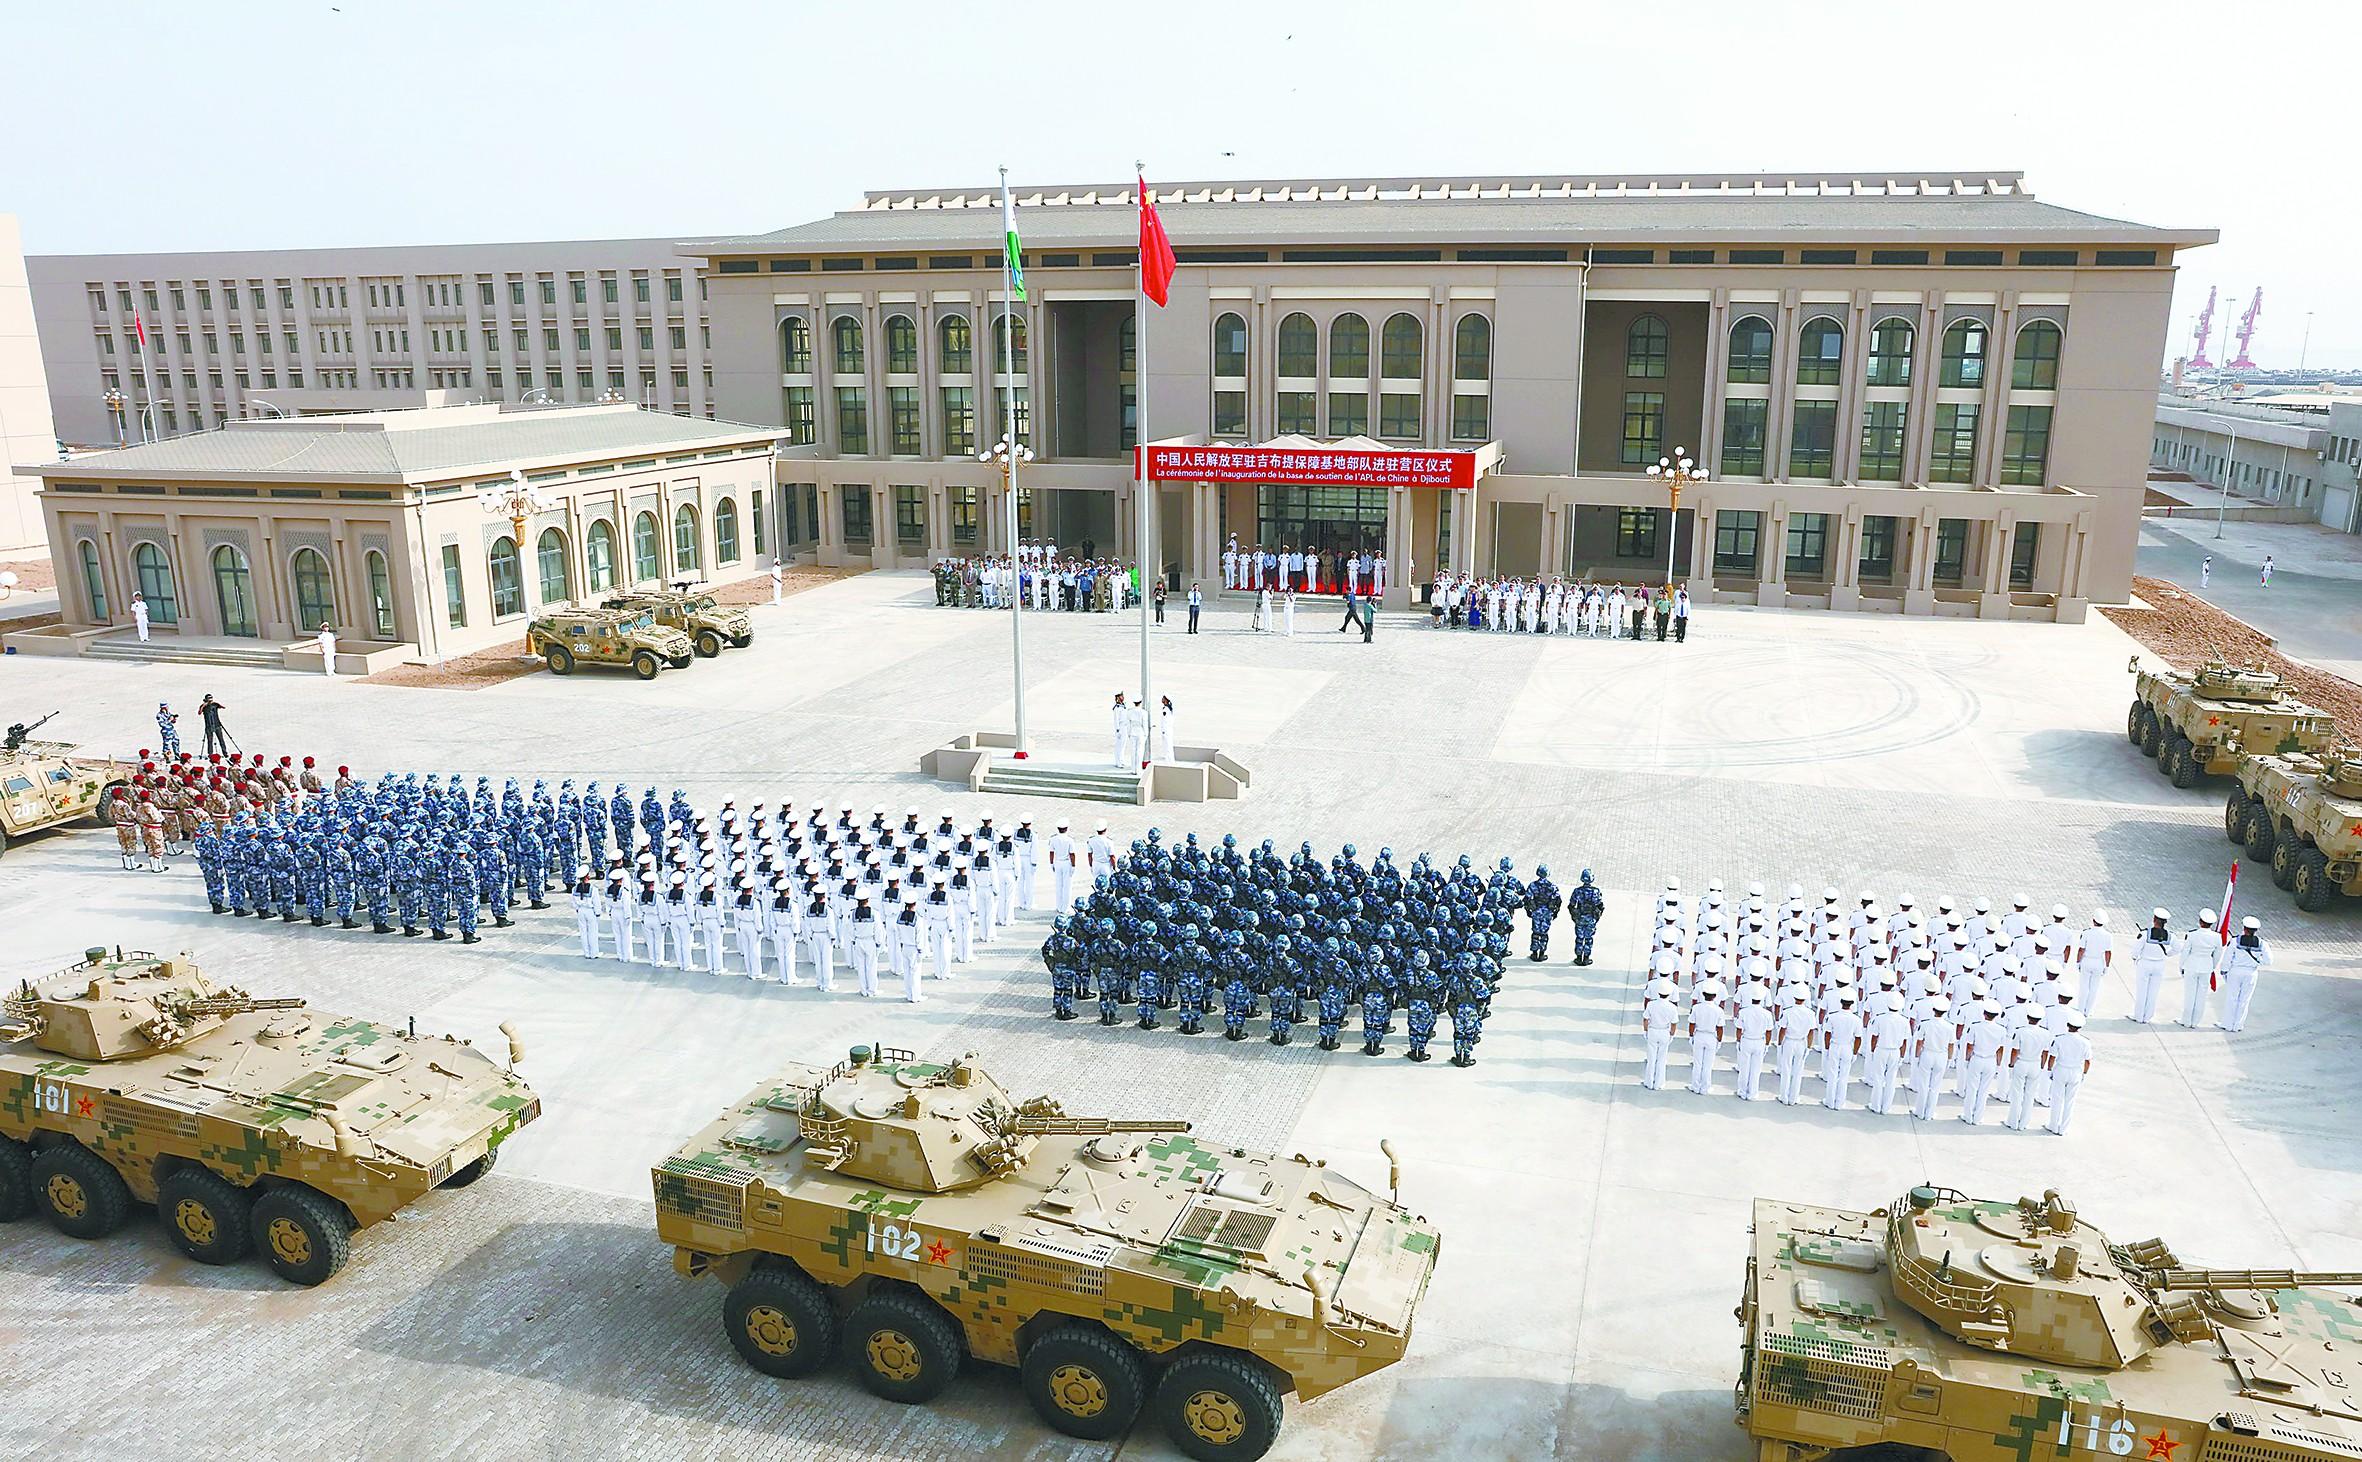 外媒聚焦中国打造一流军队:赢得战争的作战力量